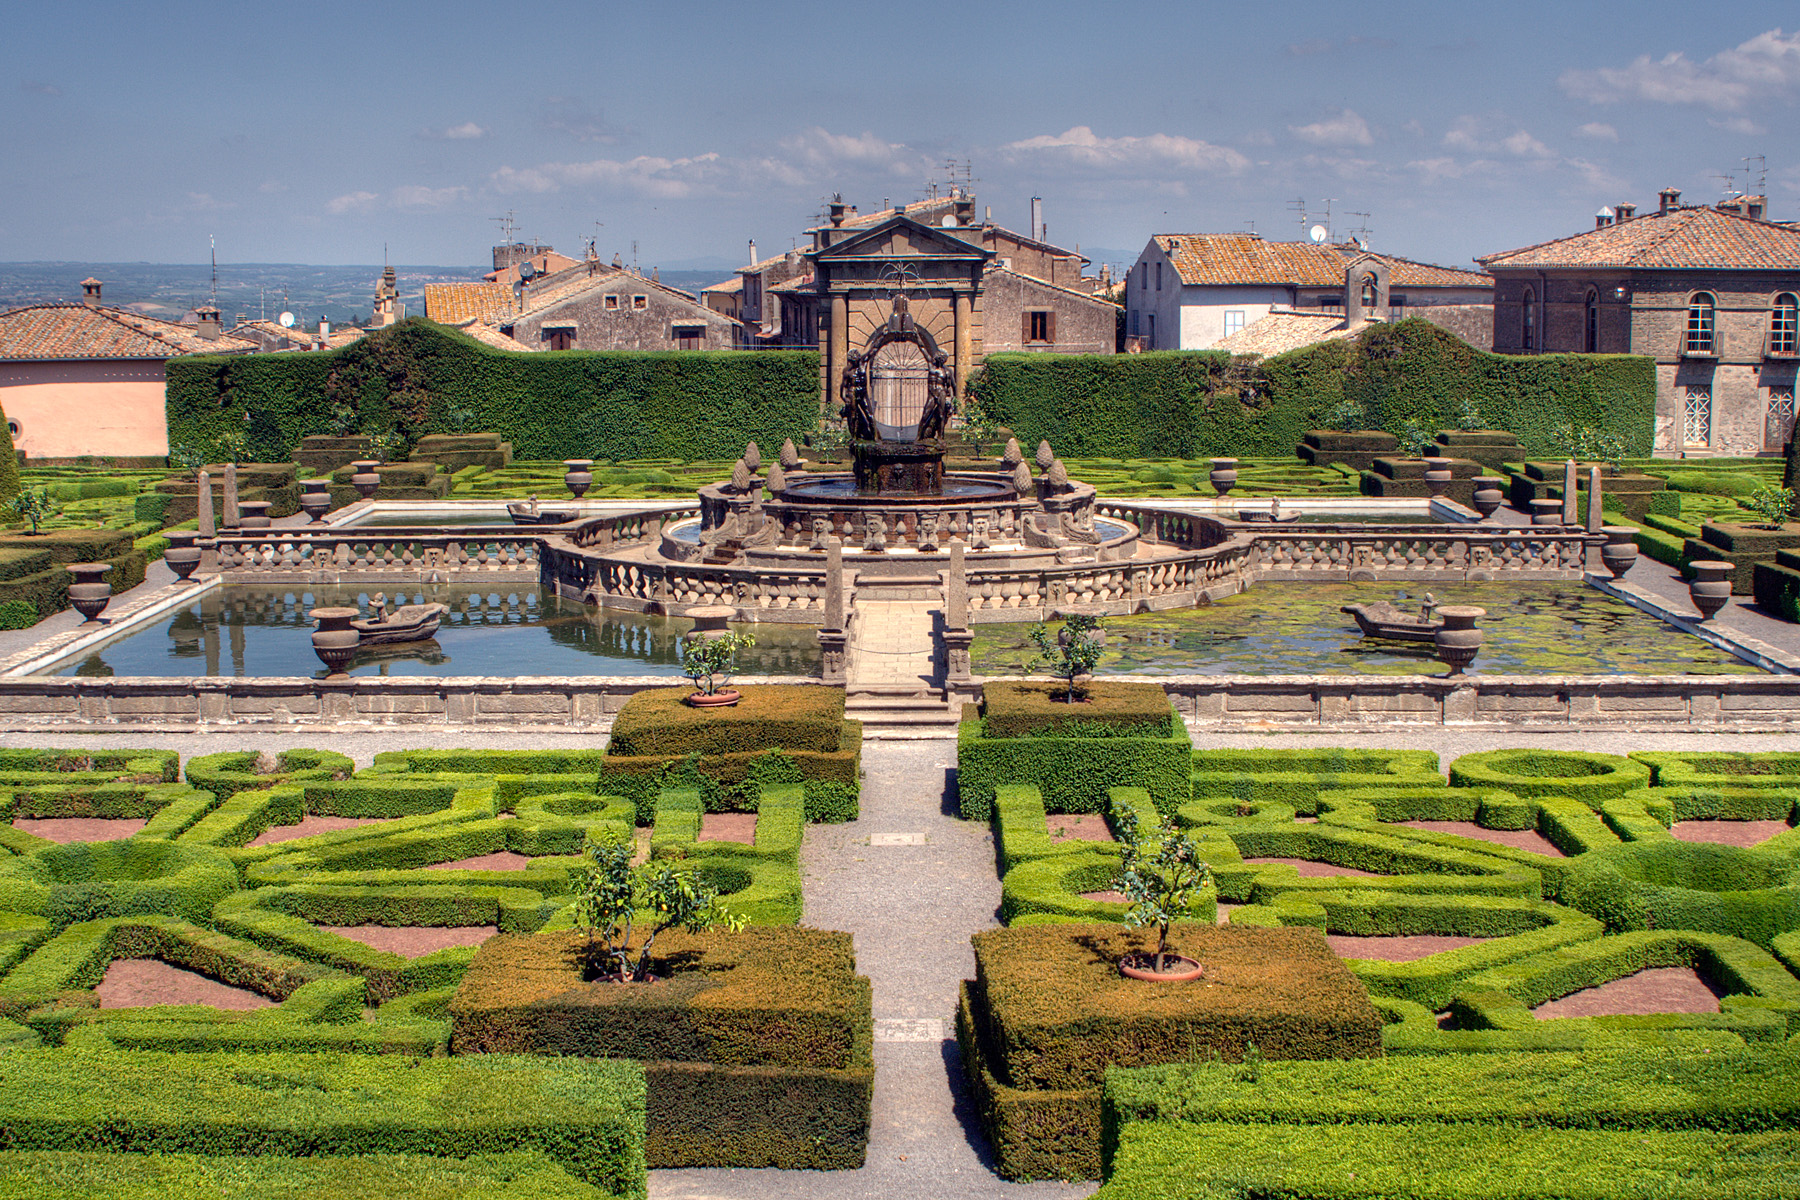 villa-lante-jardins